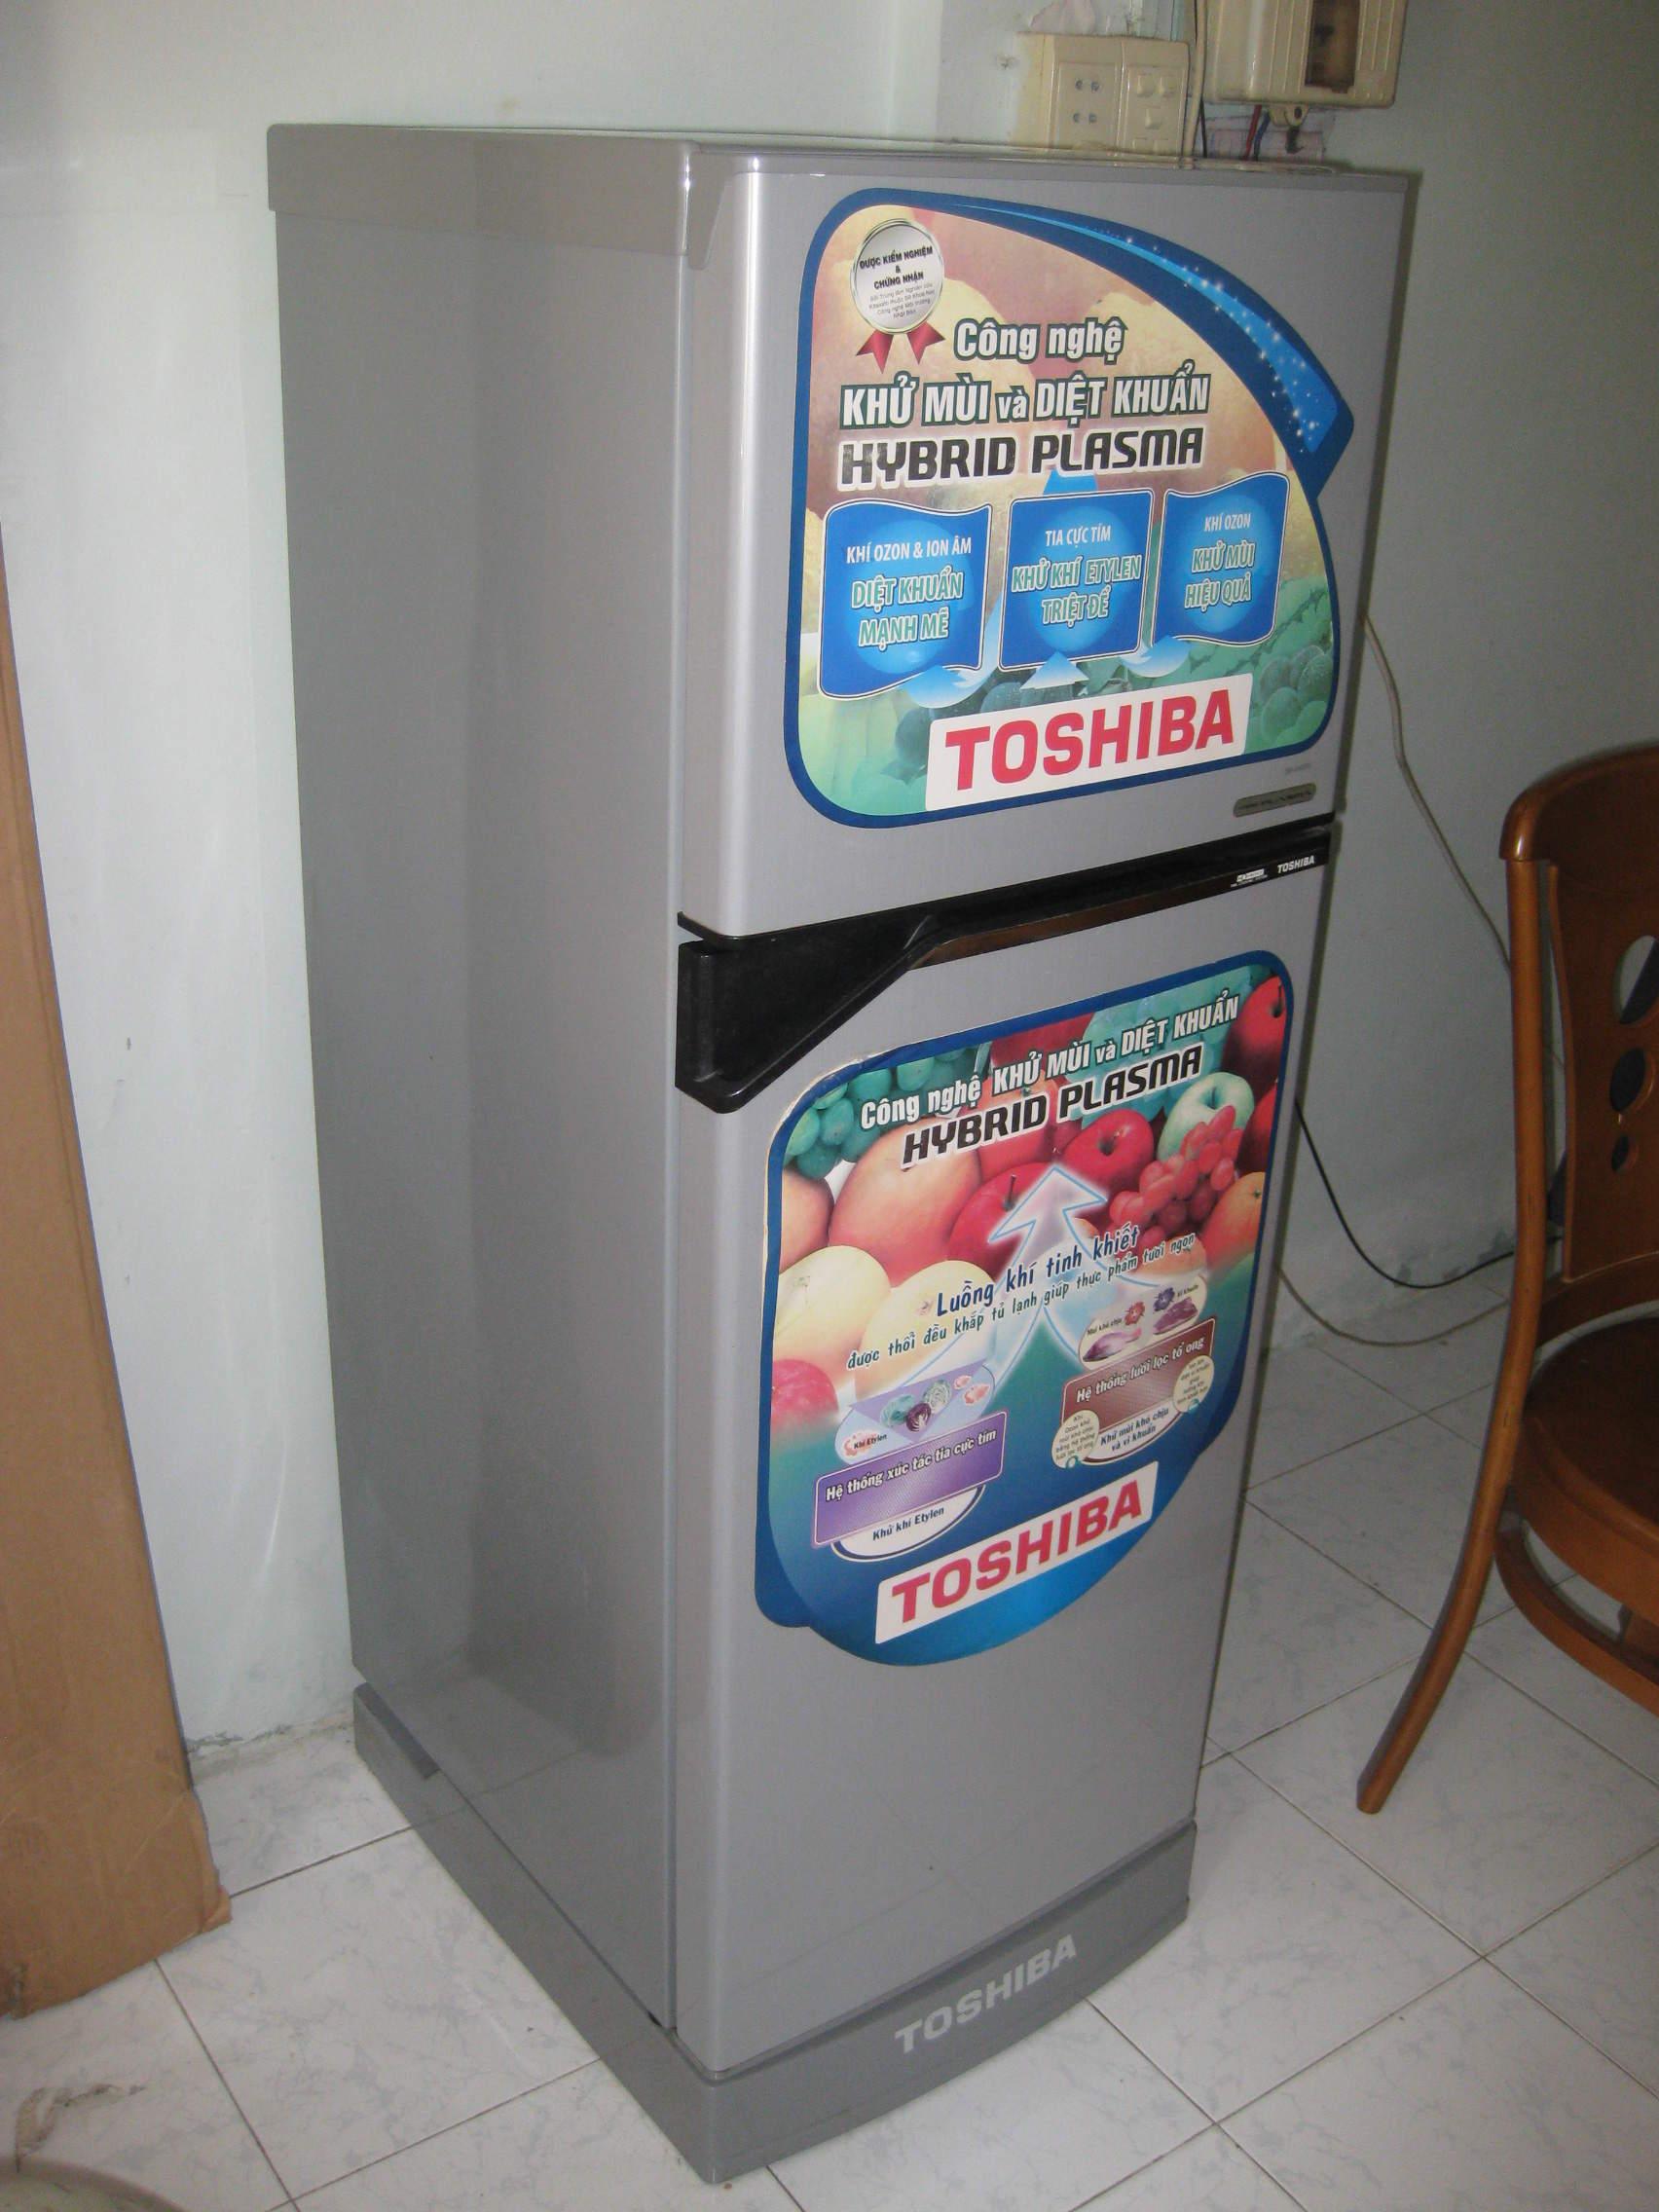 Tủ lạnh Toshiba Hybrid Plasma GR-A16VPD - 3.200.000đ | Nhật tảo